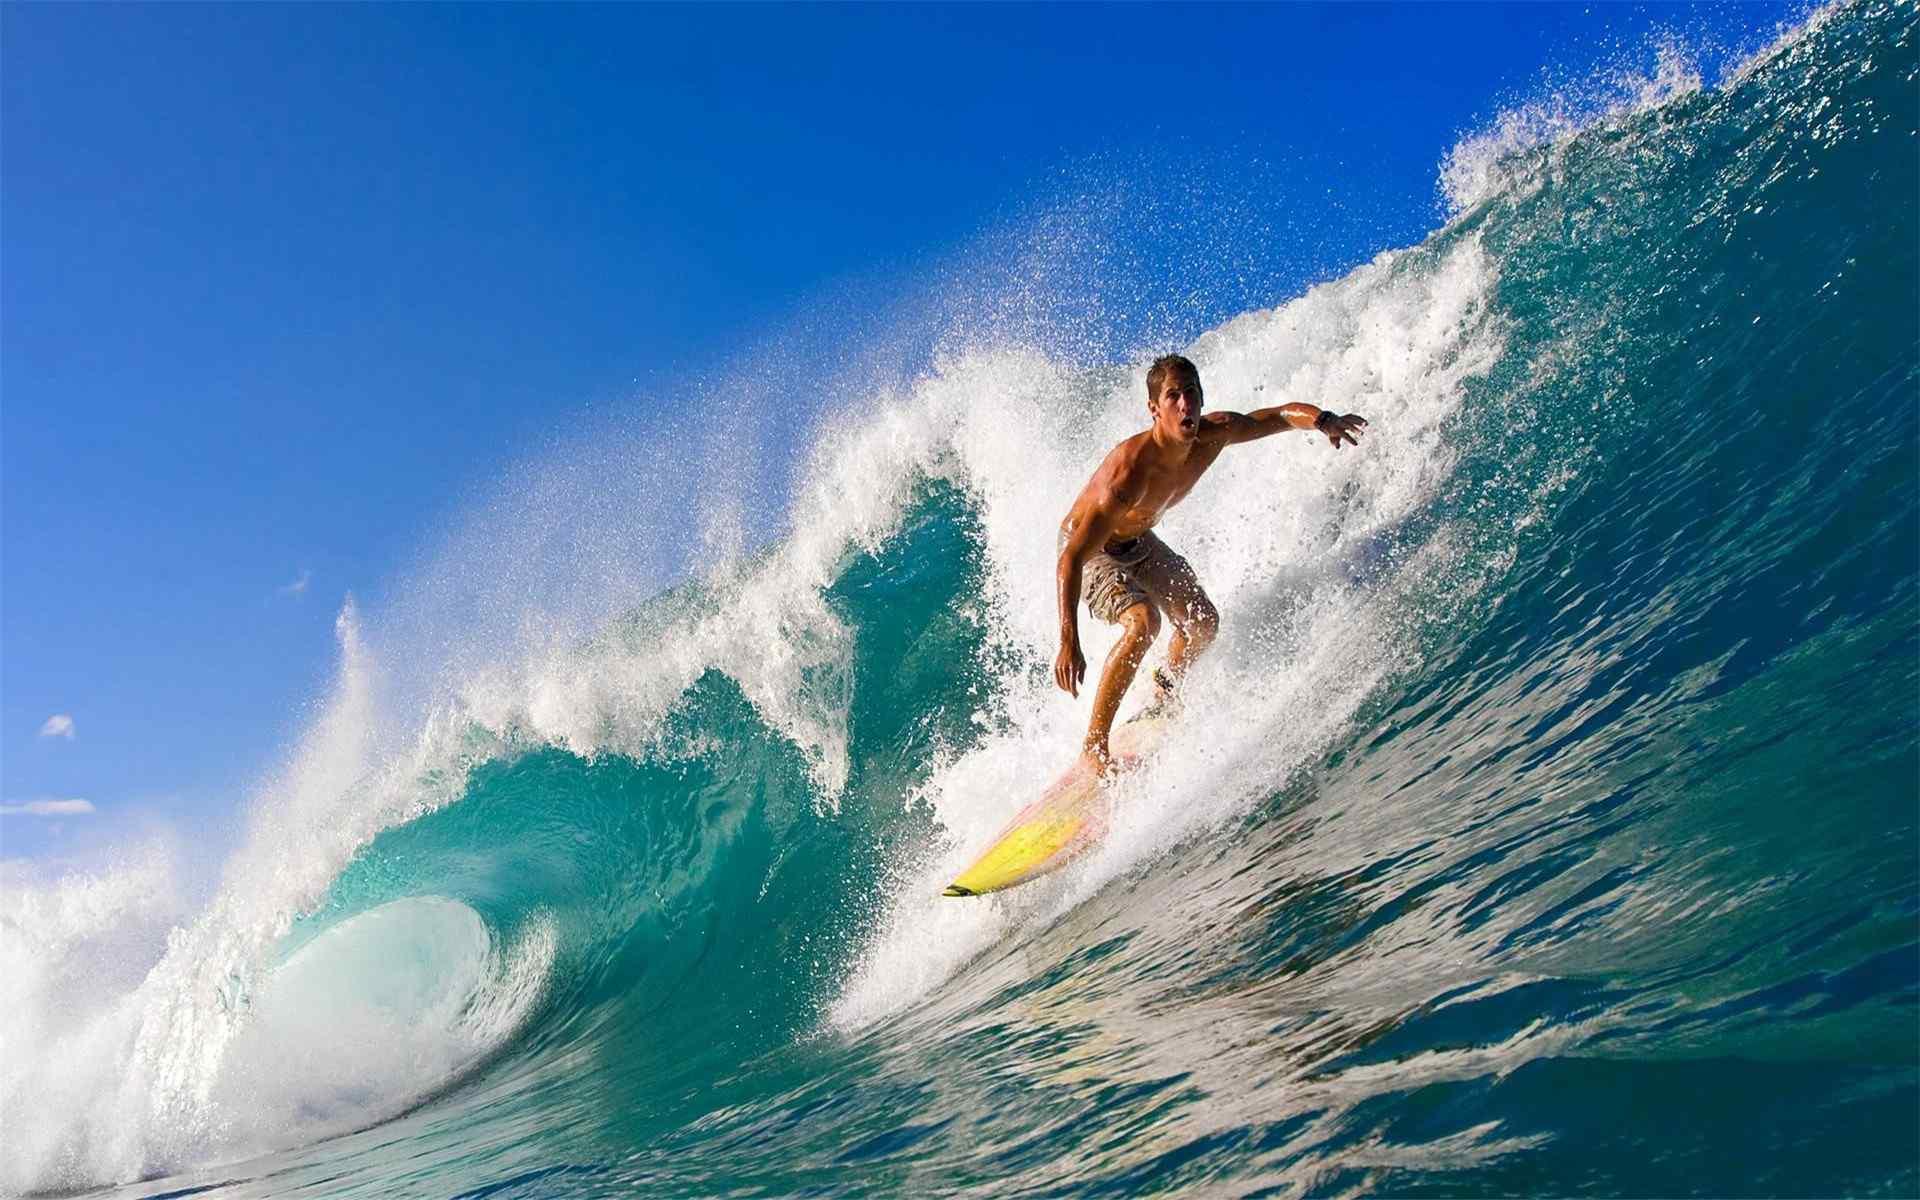 极限运动系列壁纸 极限运动冲浪 极限运动跳伞 极限运动图片